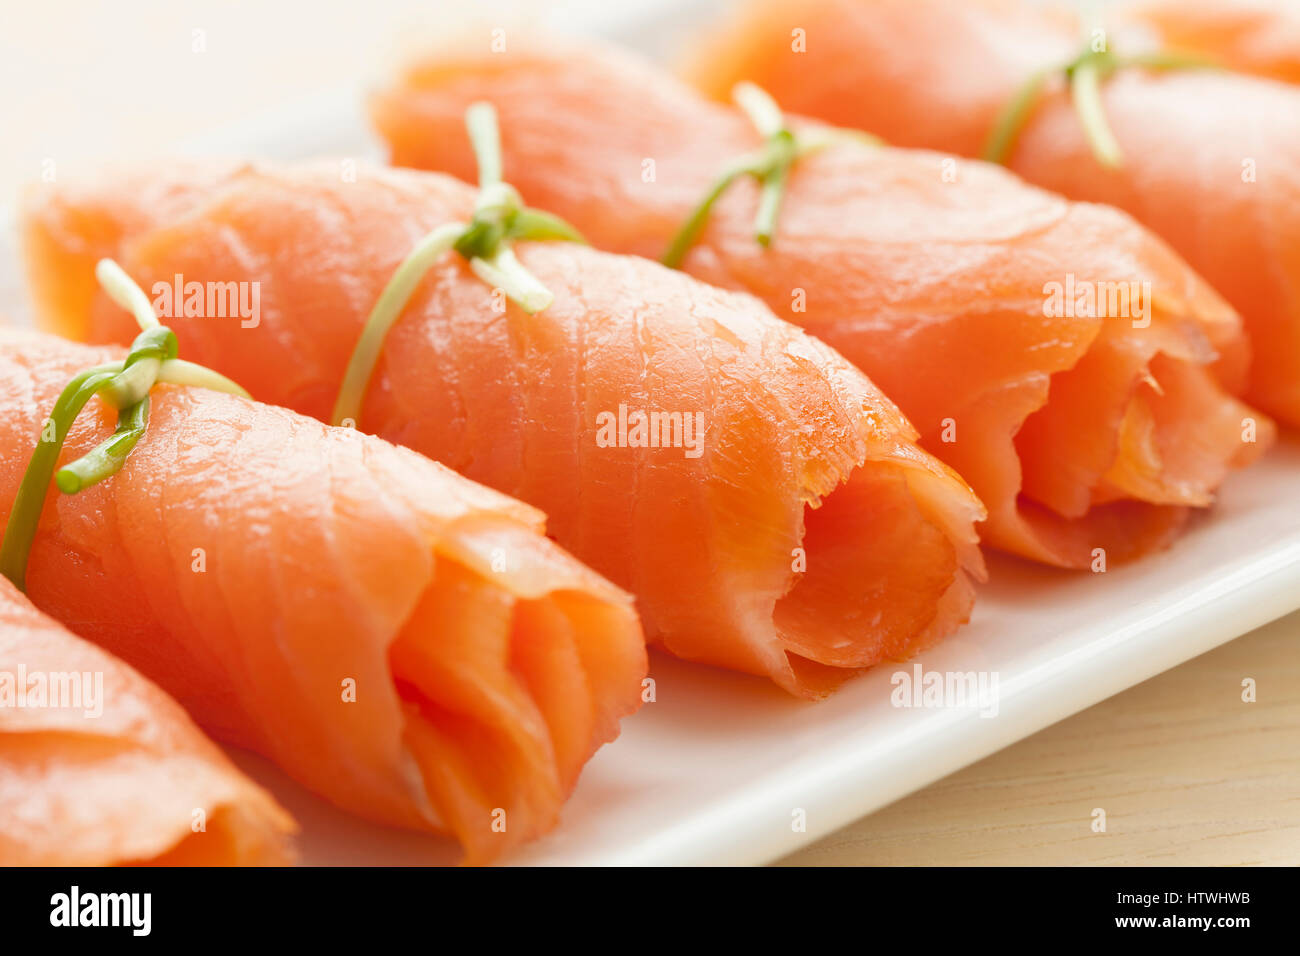 Involtini di salmone affumicato con erba cipollina come uno snack Immagini Stock